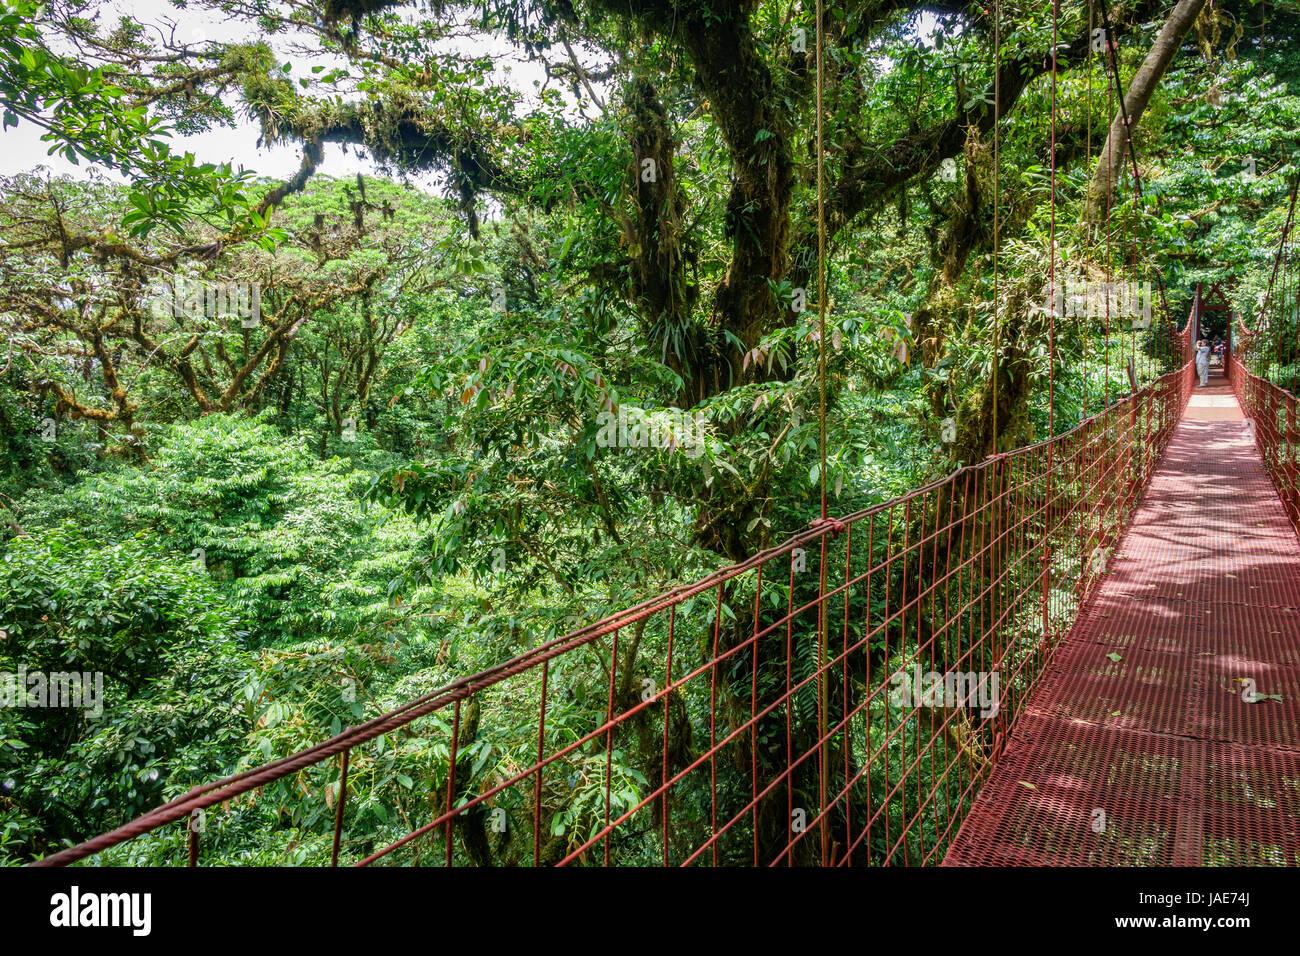 Vue grand angle du pont suspendu rouge dans la forêt tropicale de Monteverde au côté droit de l'image Photo Stock